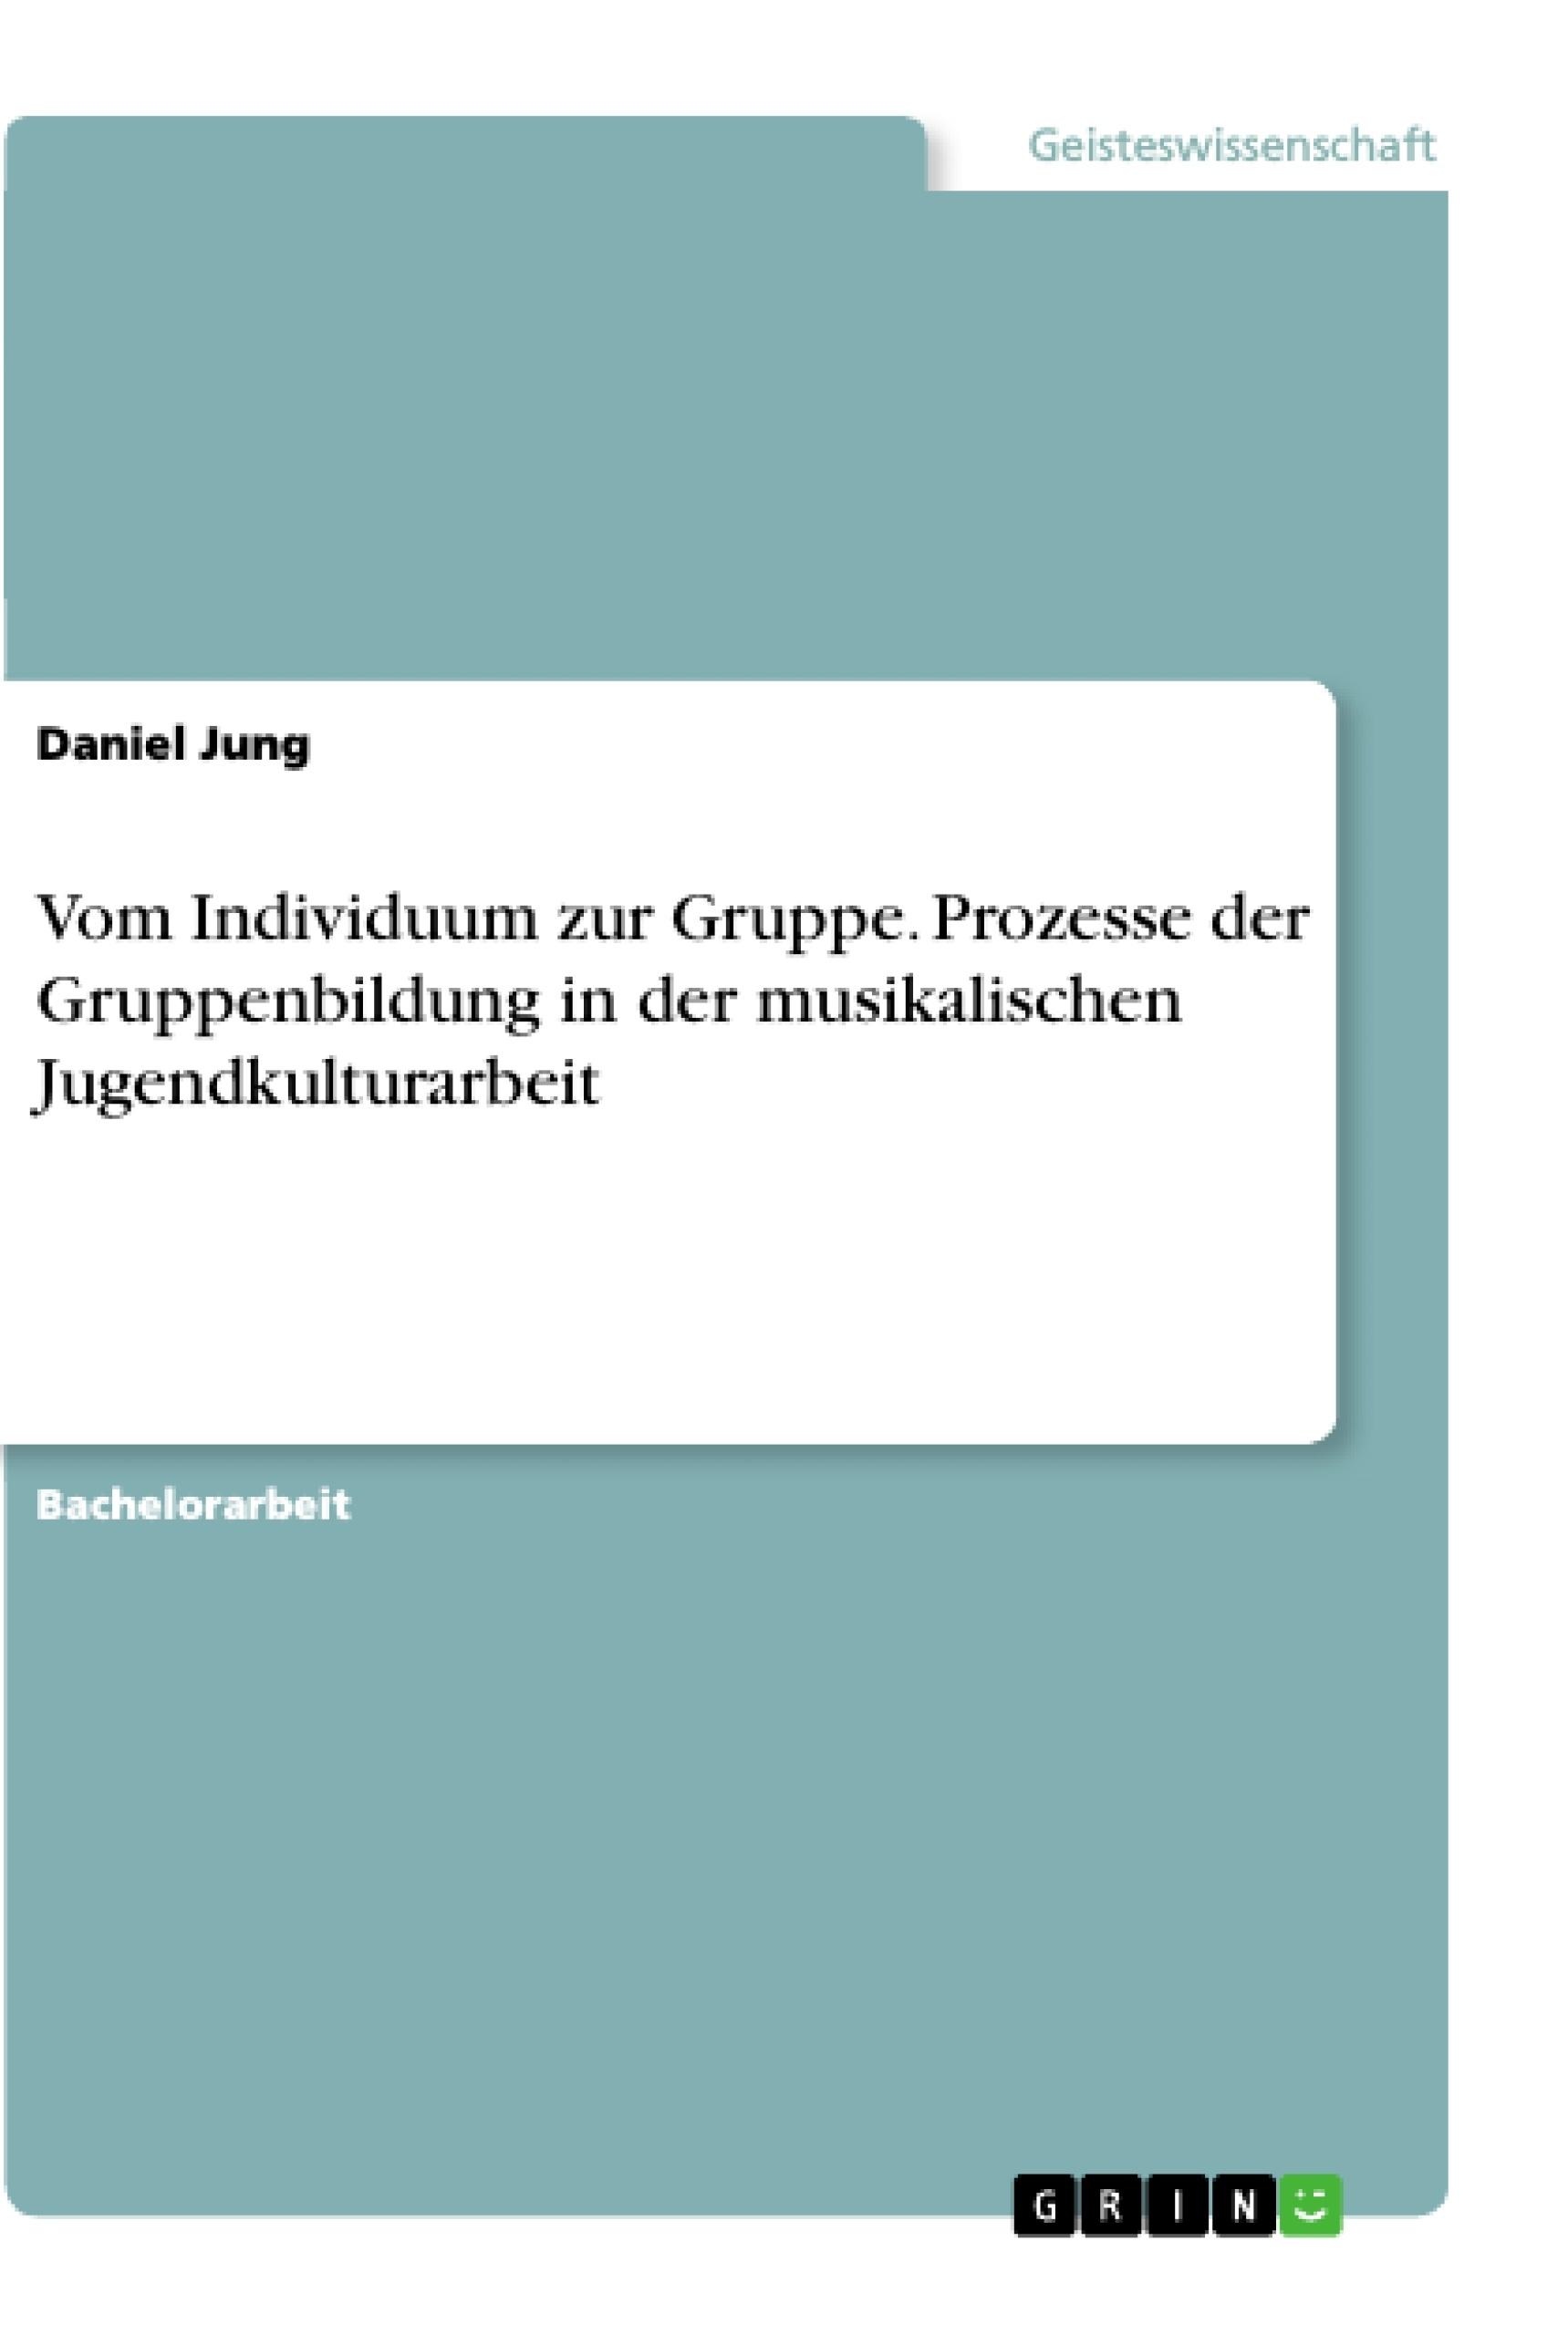 Titel: Vom Individuum zur Gruppe. Prozesse der Gruppenbildung in der musikalischen Jugendkulturarbeit